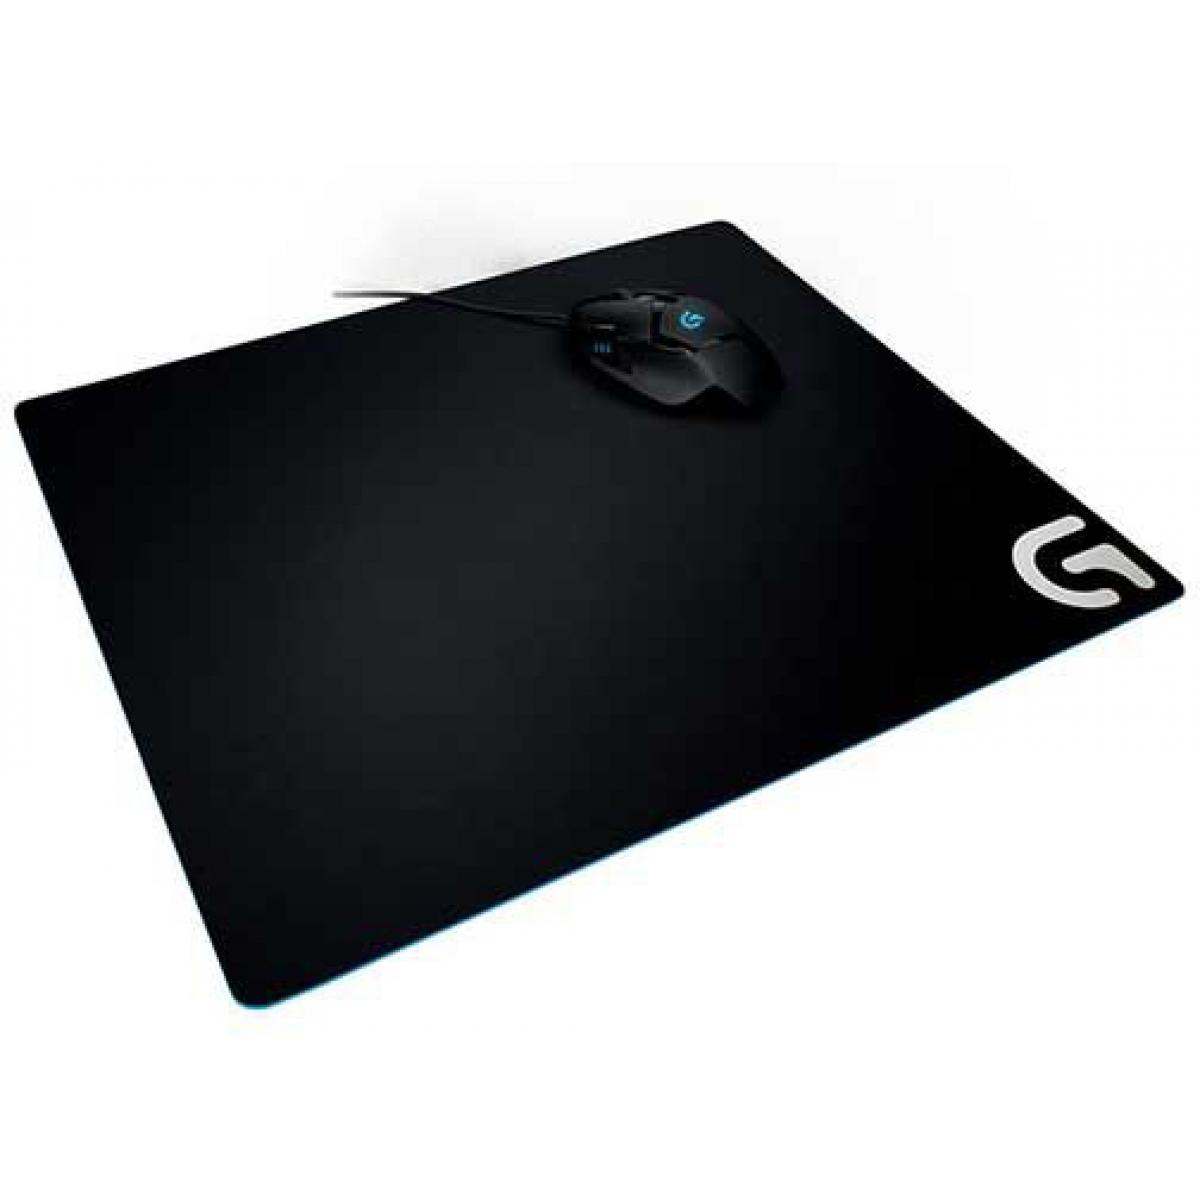 Mousepad Gamer Logitech G640 Hard, 943-000088